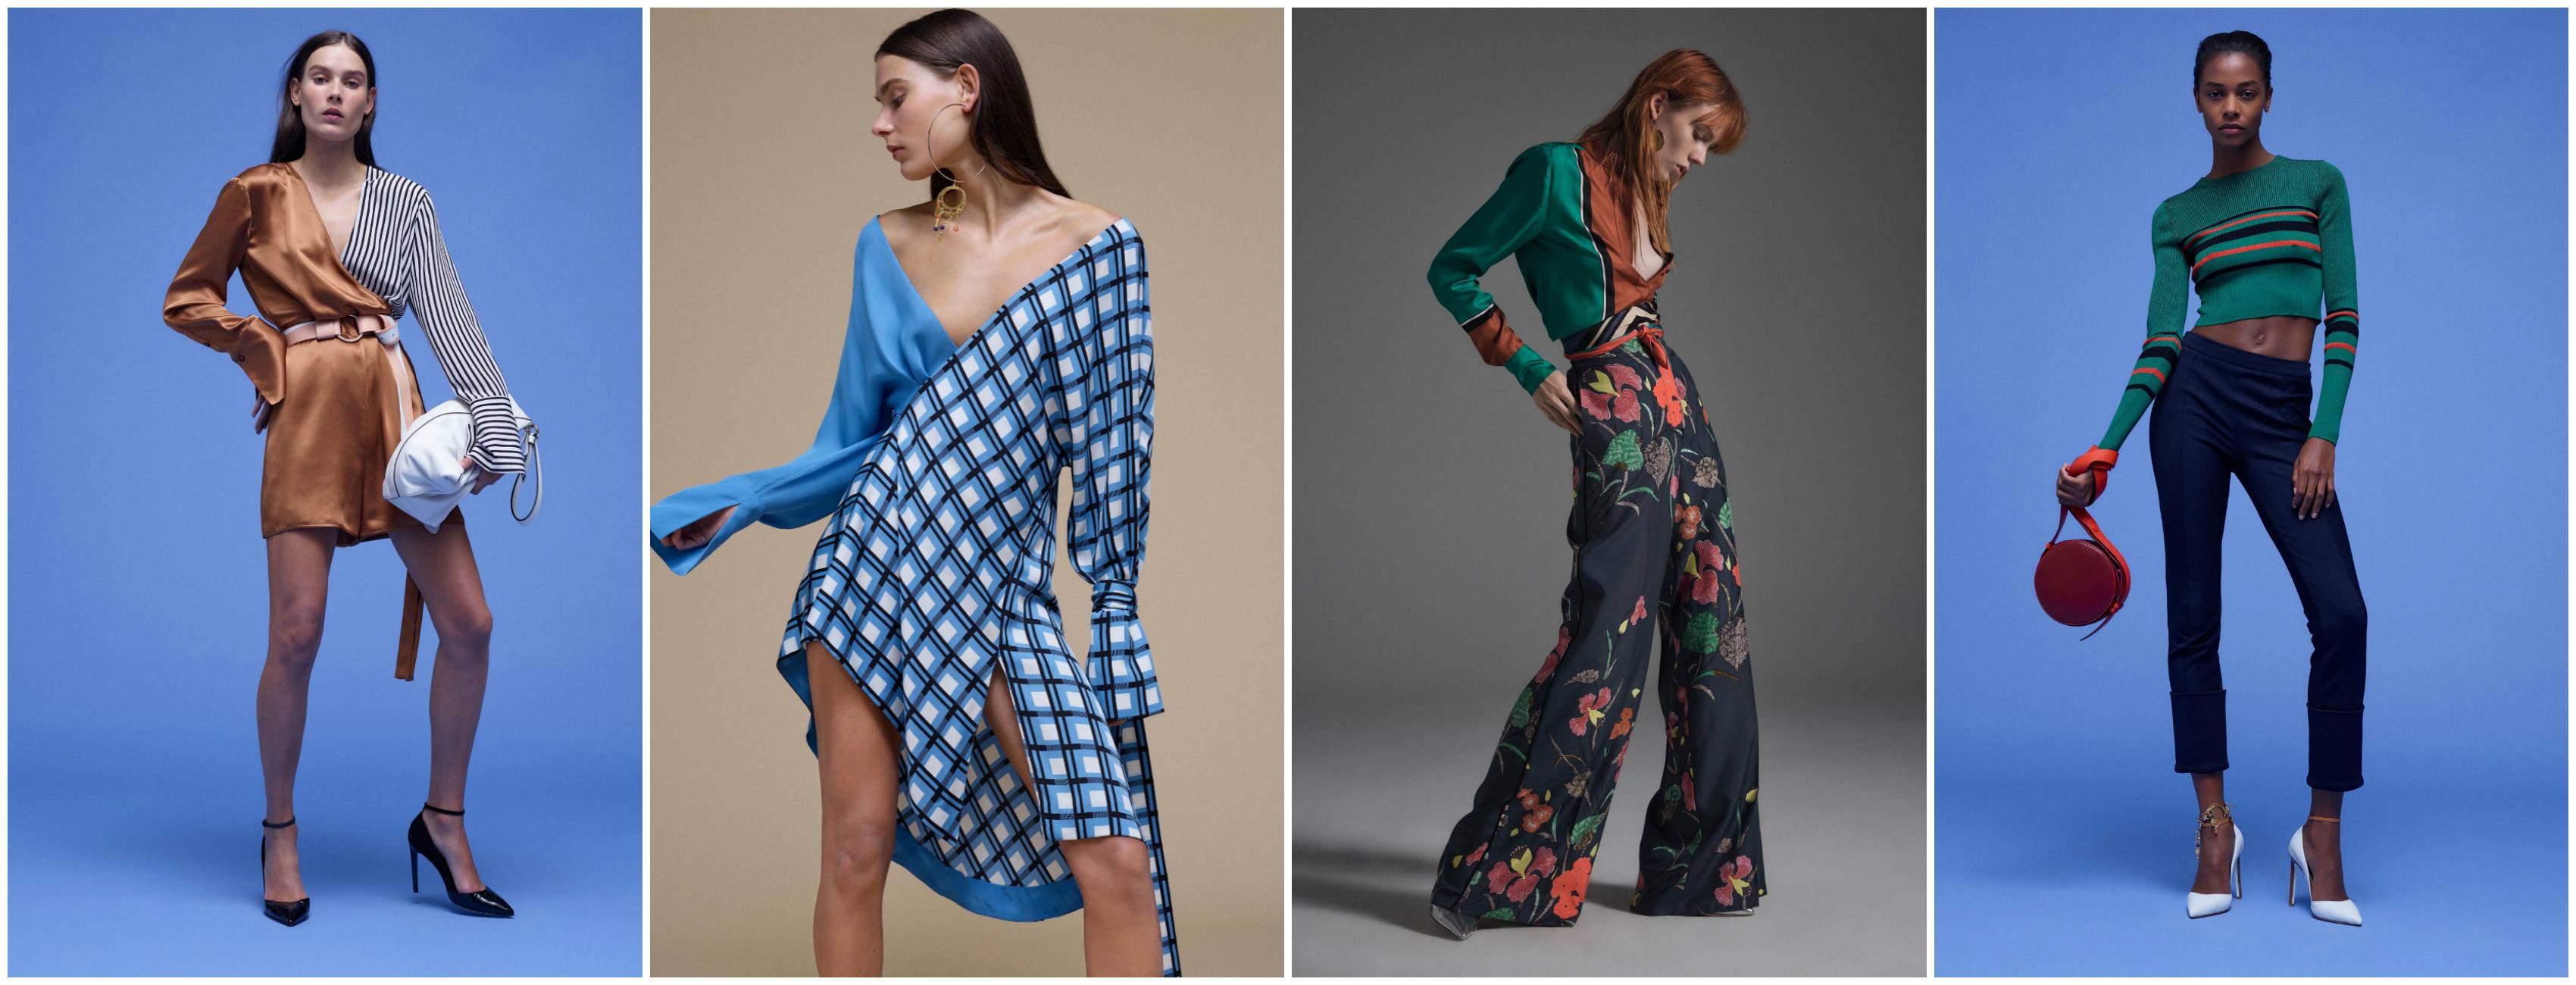 new york fashion week 2016 styling id couture diane von furstenberg